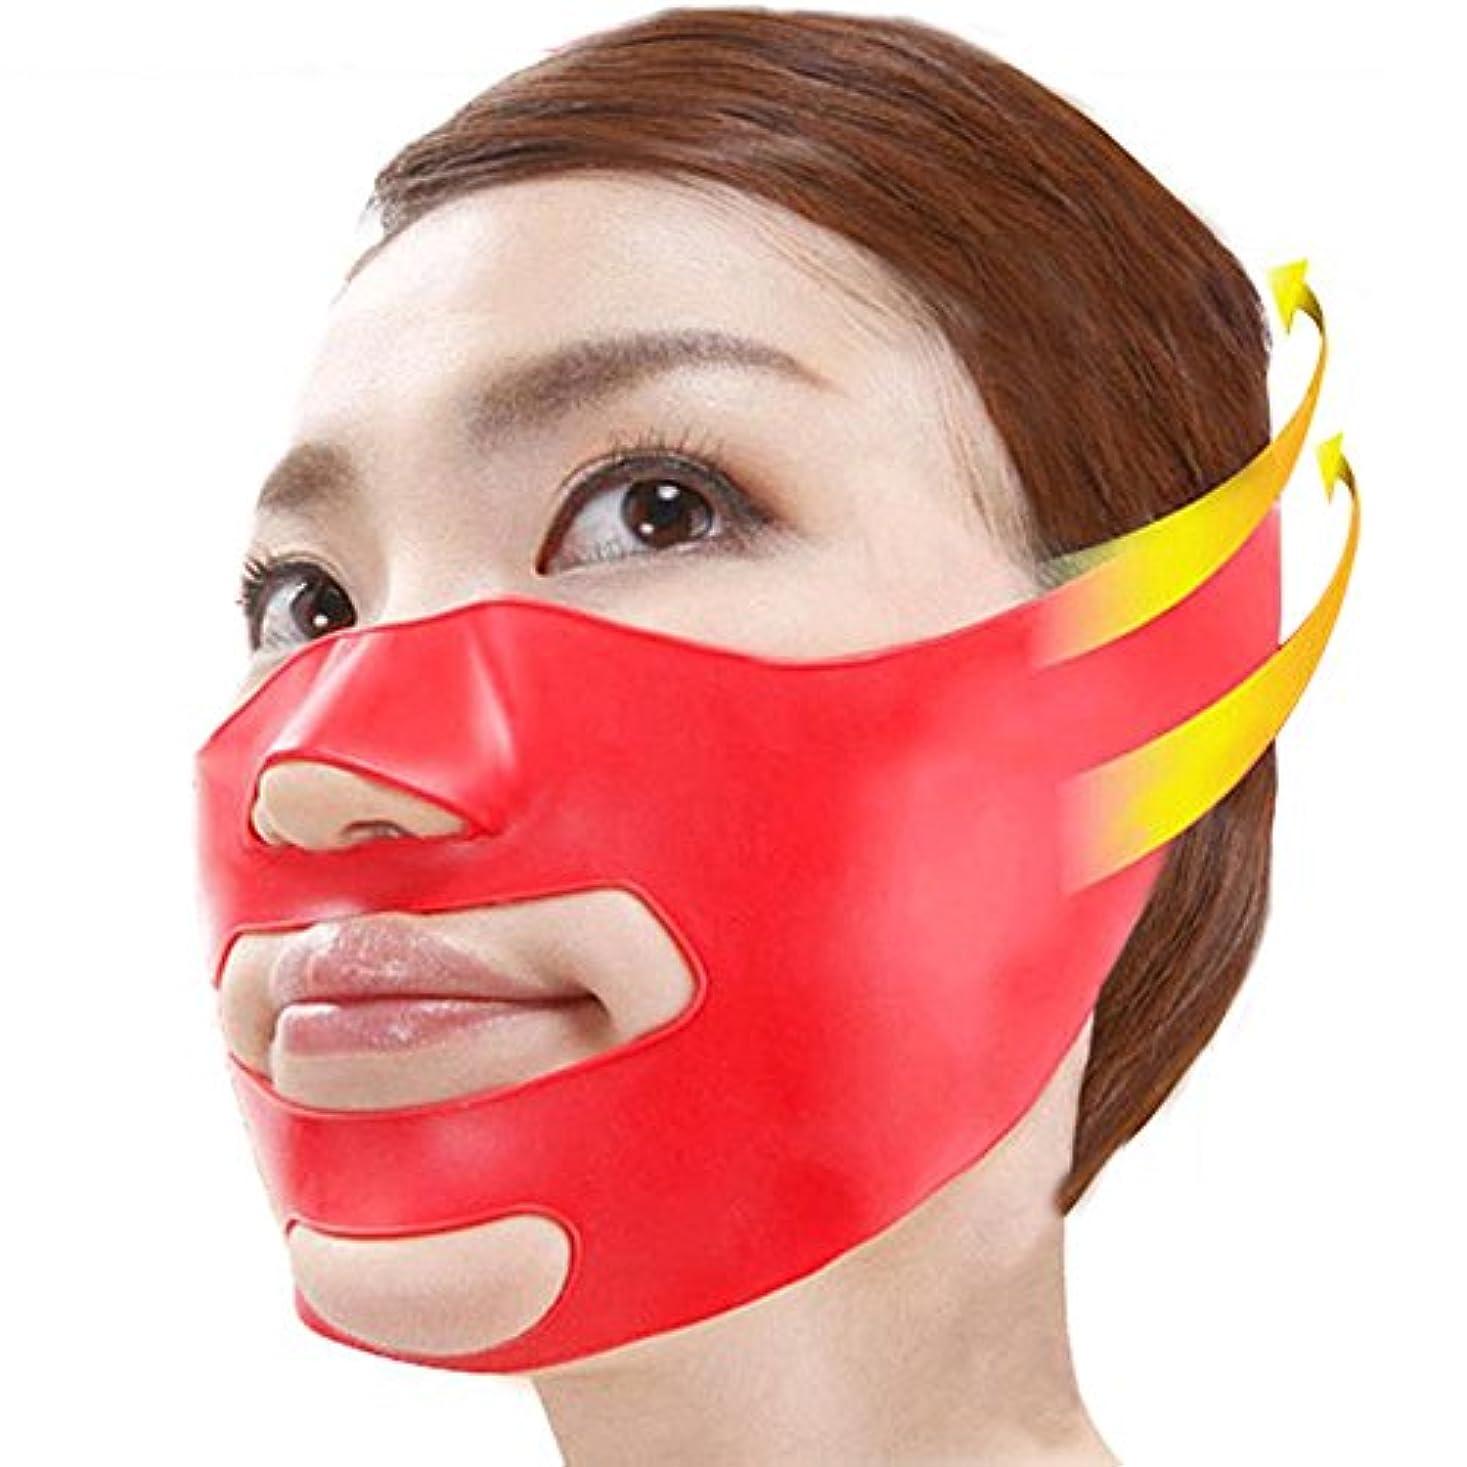 書誌ベスビオ山パントリー3D 小顔 マッサージグッズ フェイスマスク 美容 顔痩せ ほうれい線 消す グッズ 美顔 矯正 (フリーサイズ, レッド)